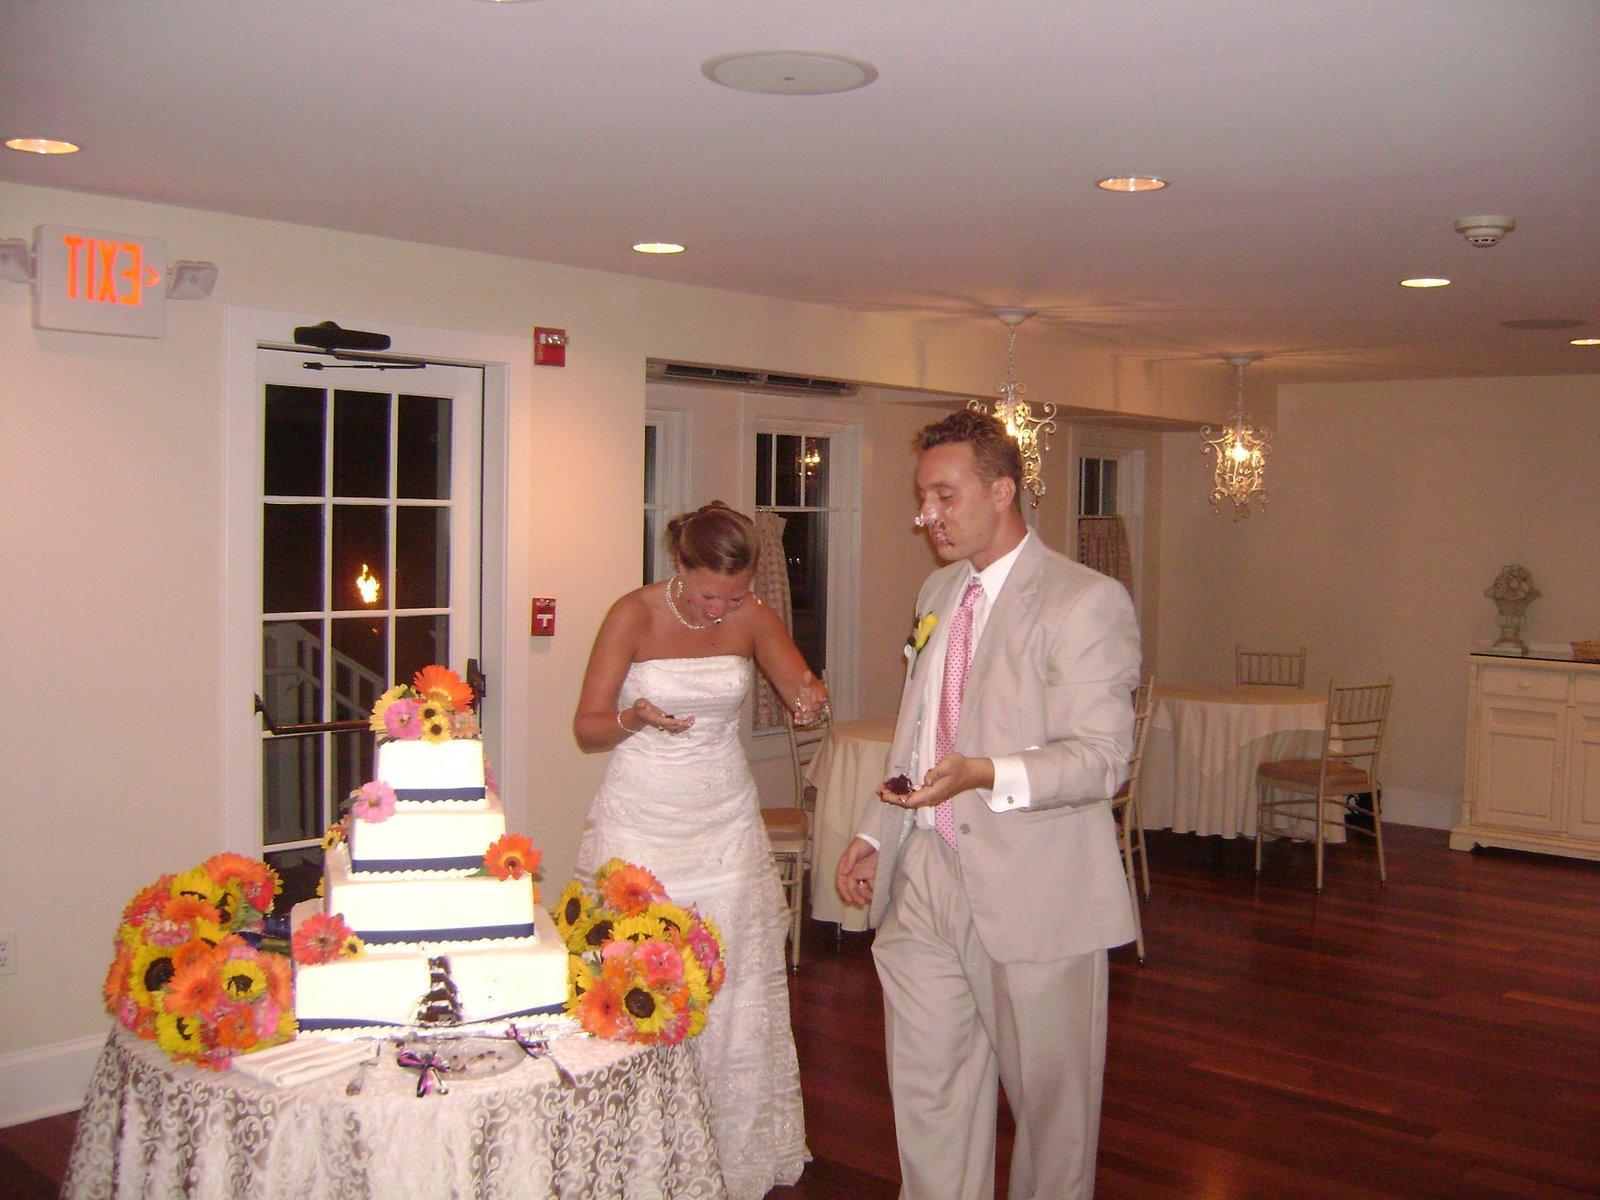 vs an indoor wedding?